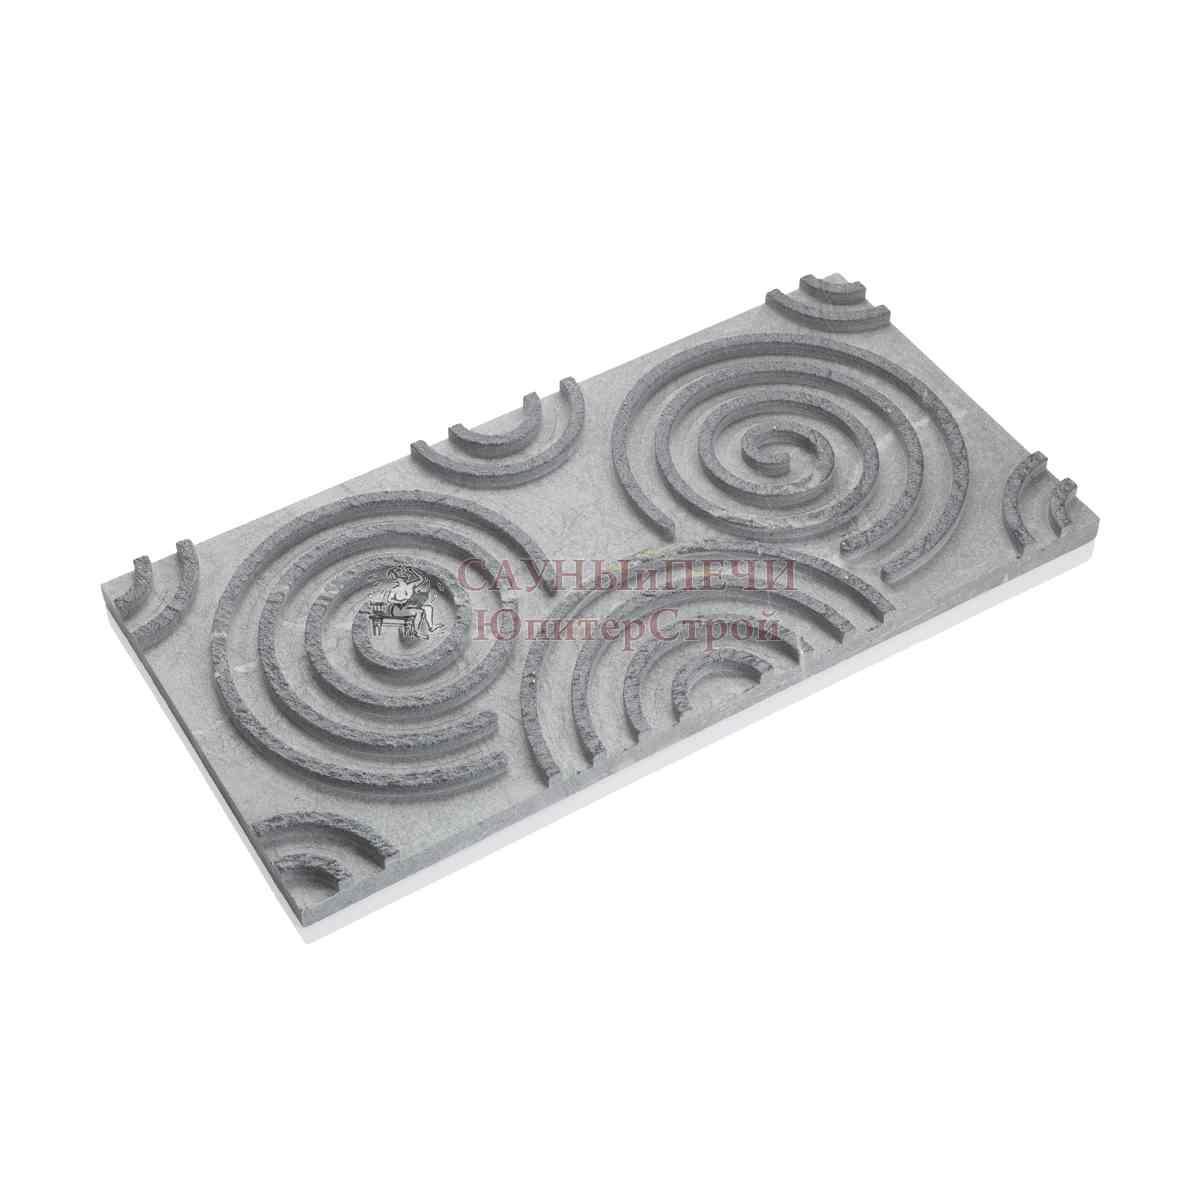 Новая 3D плитка из талькохлорида